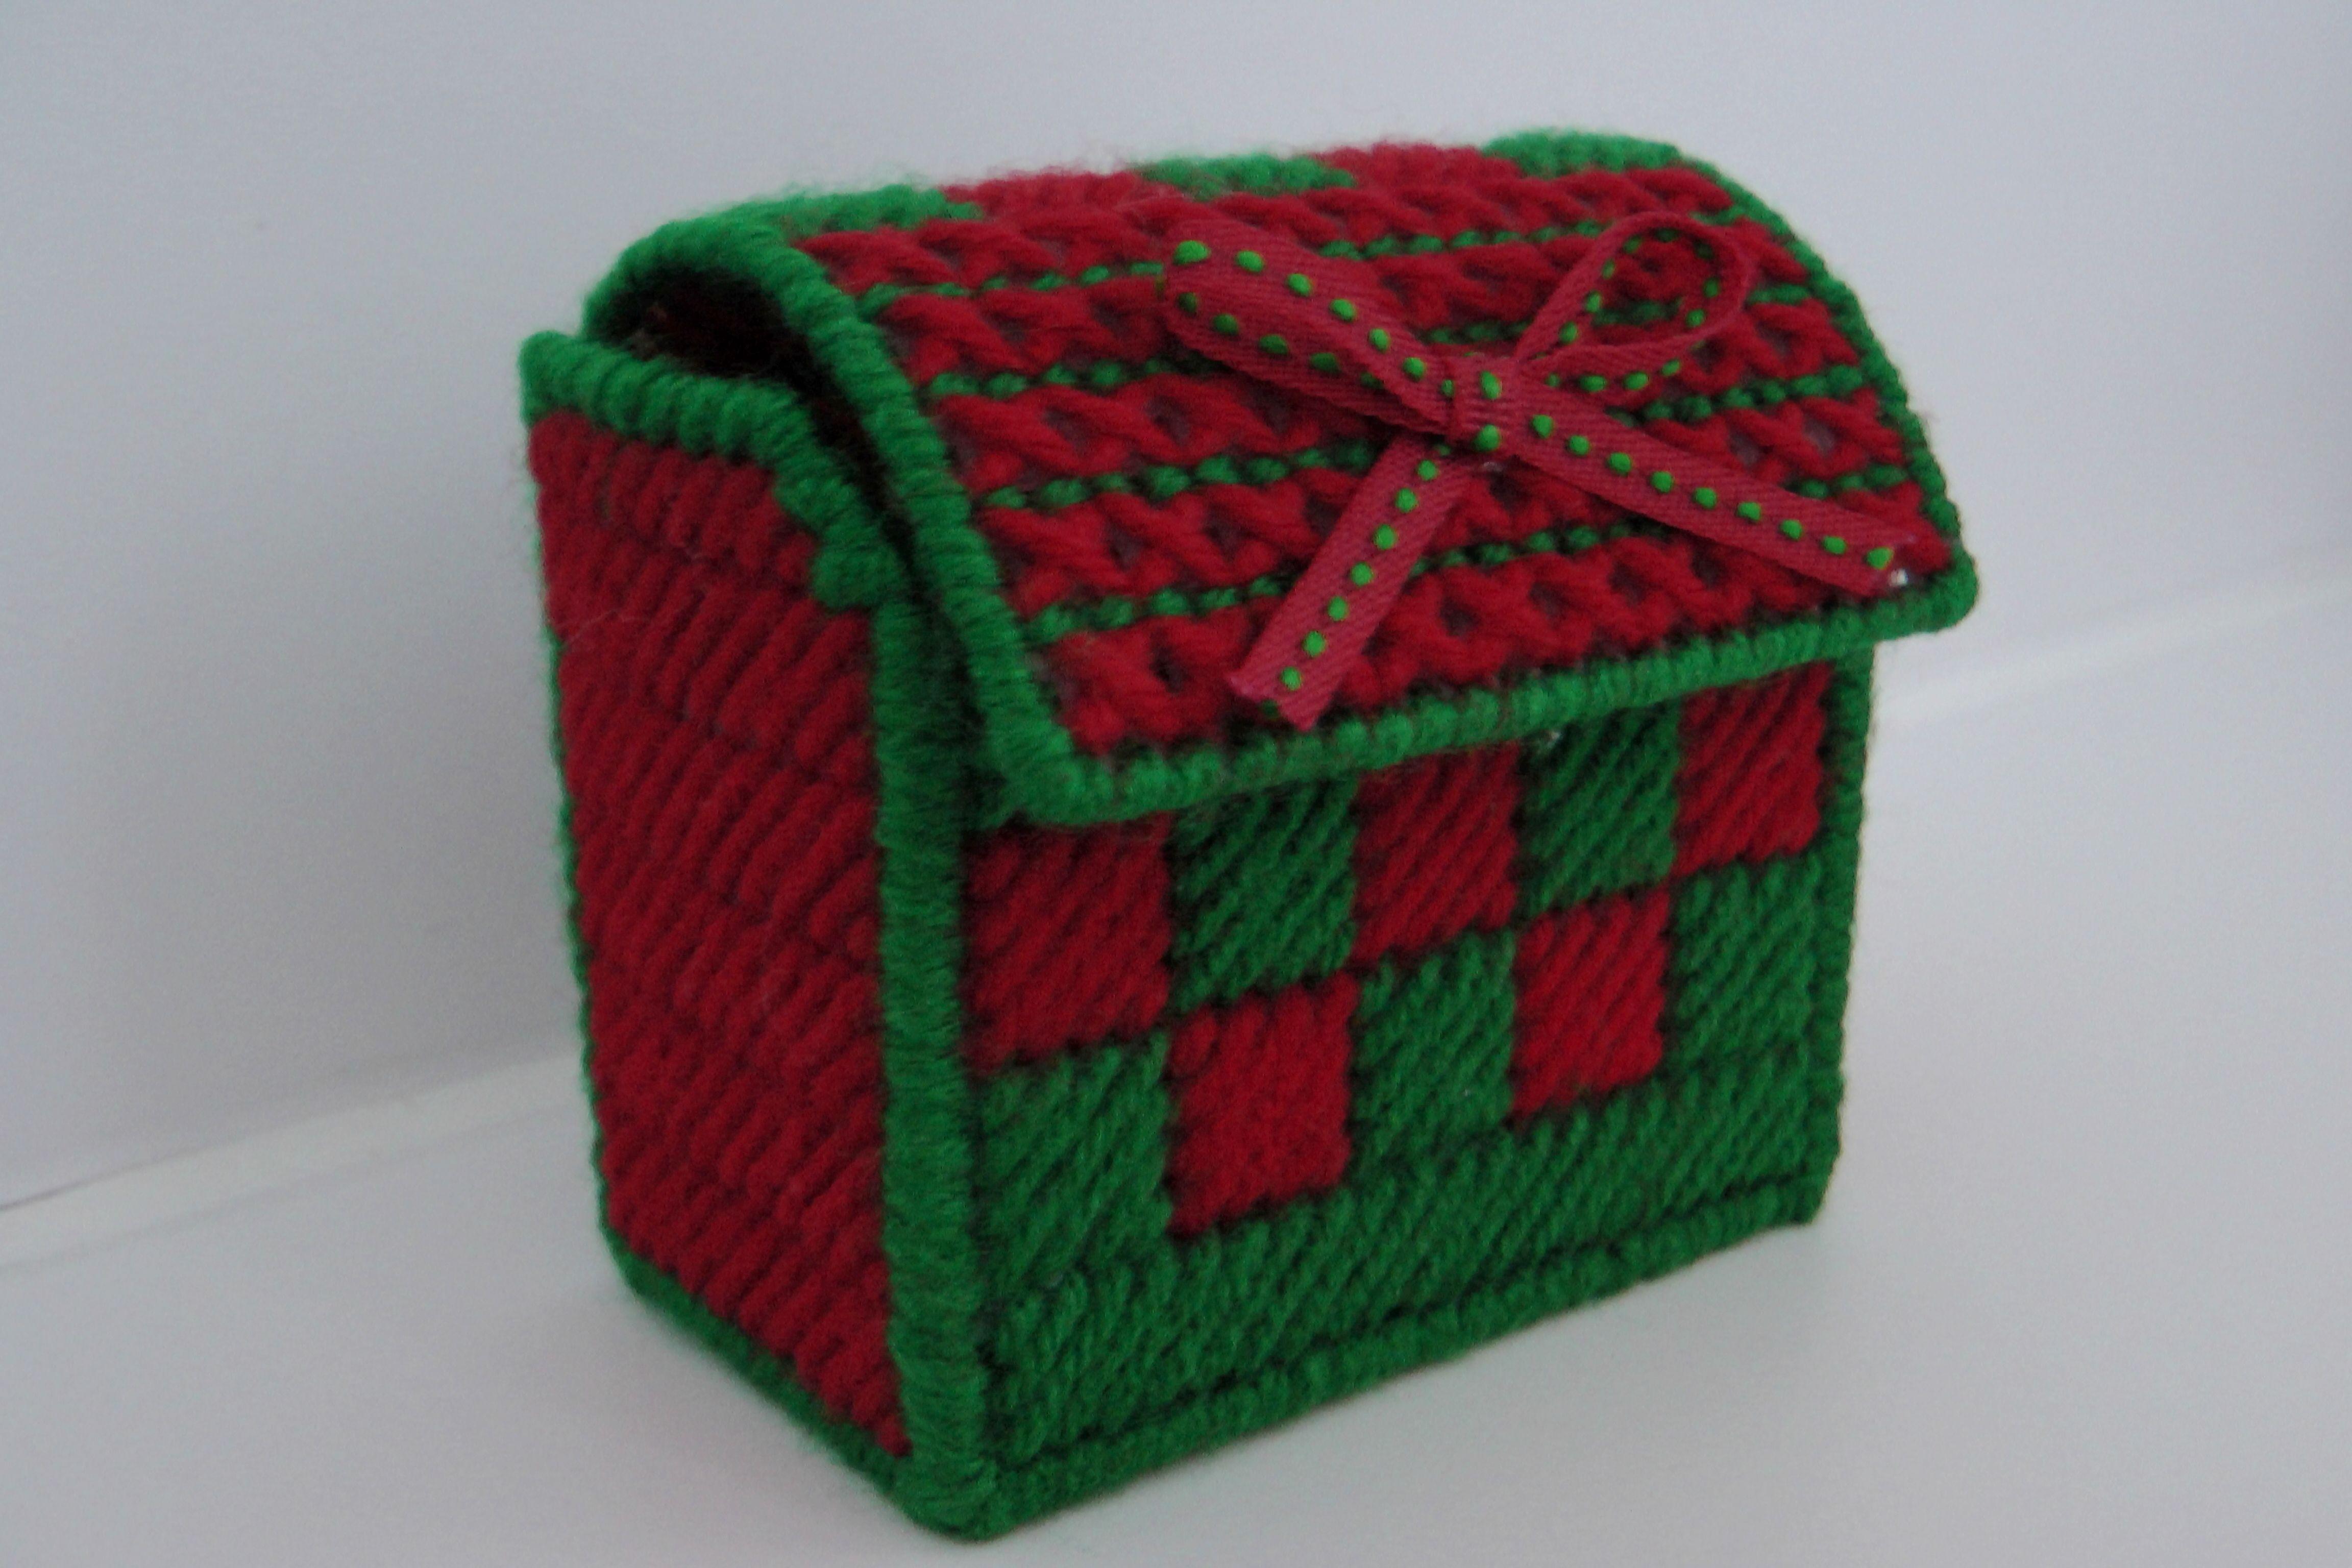 Cofre pequeno de navidad en plastic canvas.  www.facebook.com/ManualidadesKarelia